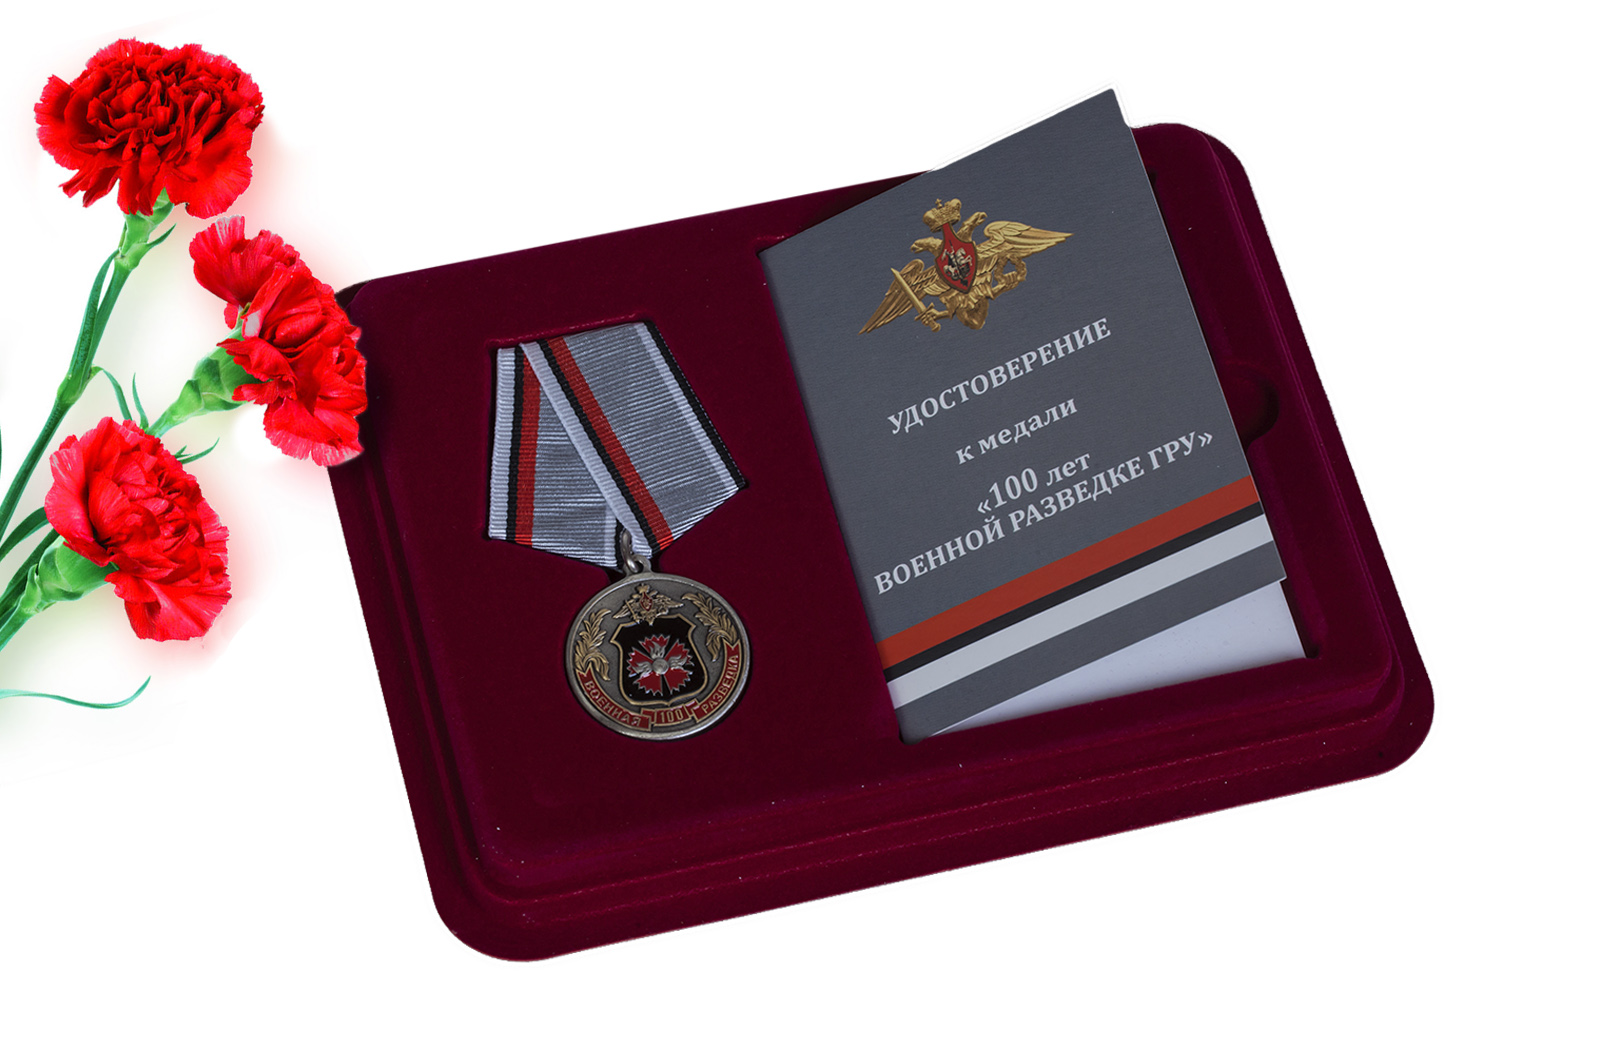 Купить юбилейную медаль 100 лет Военной разведки ГРУ в подарок мужчине